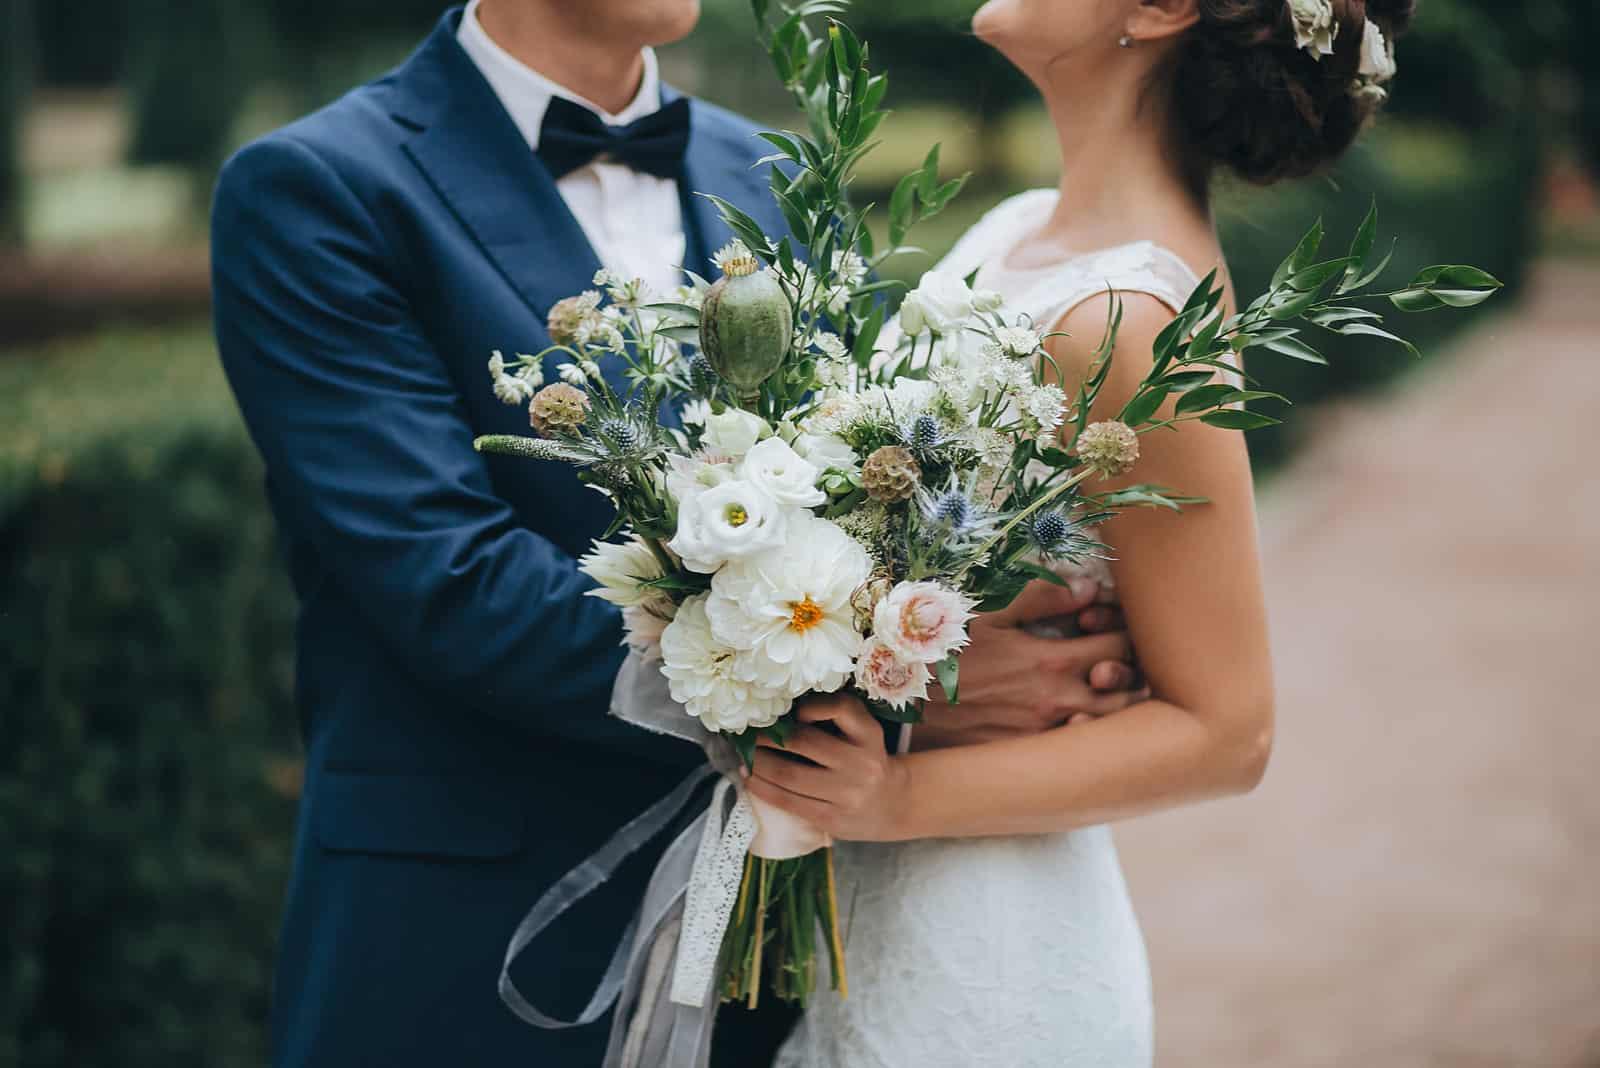 un homme et une femme s'embrassant lors d'un mariage